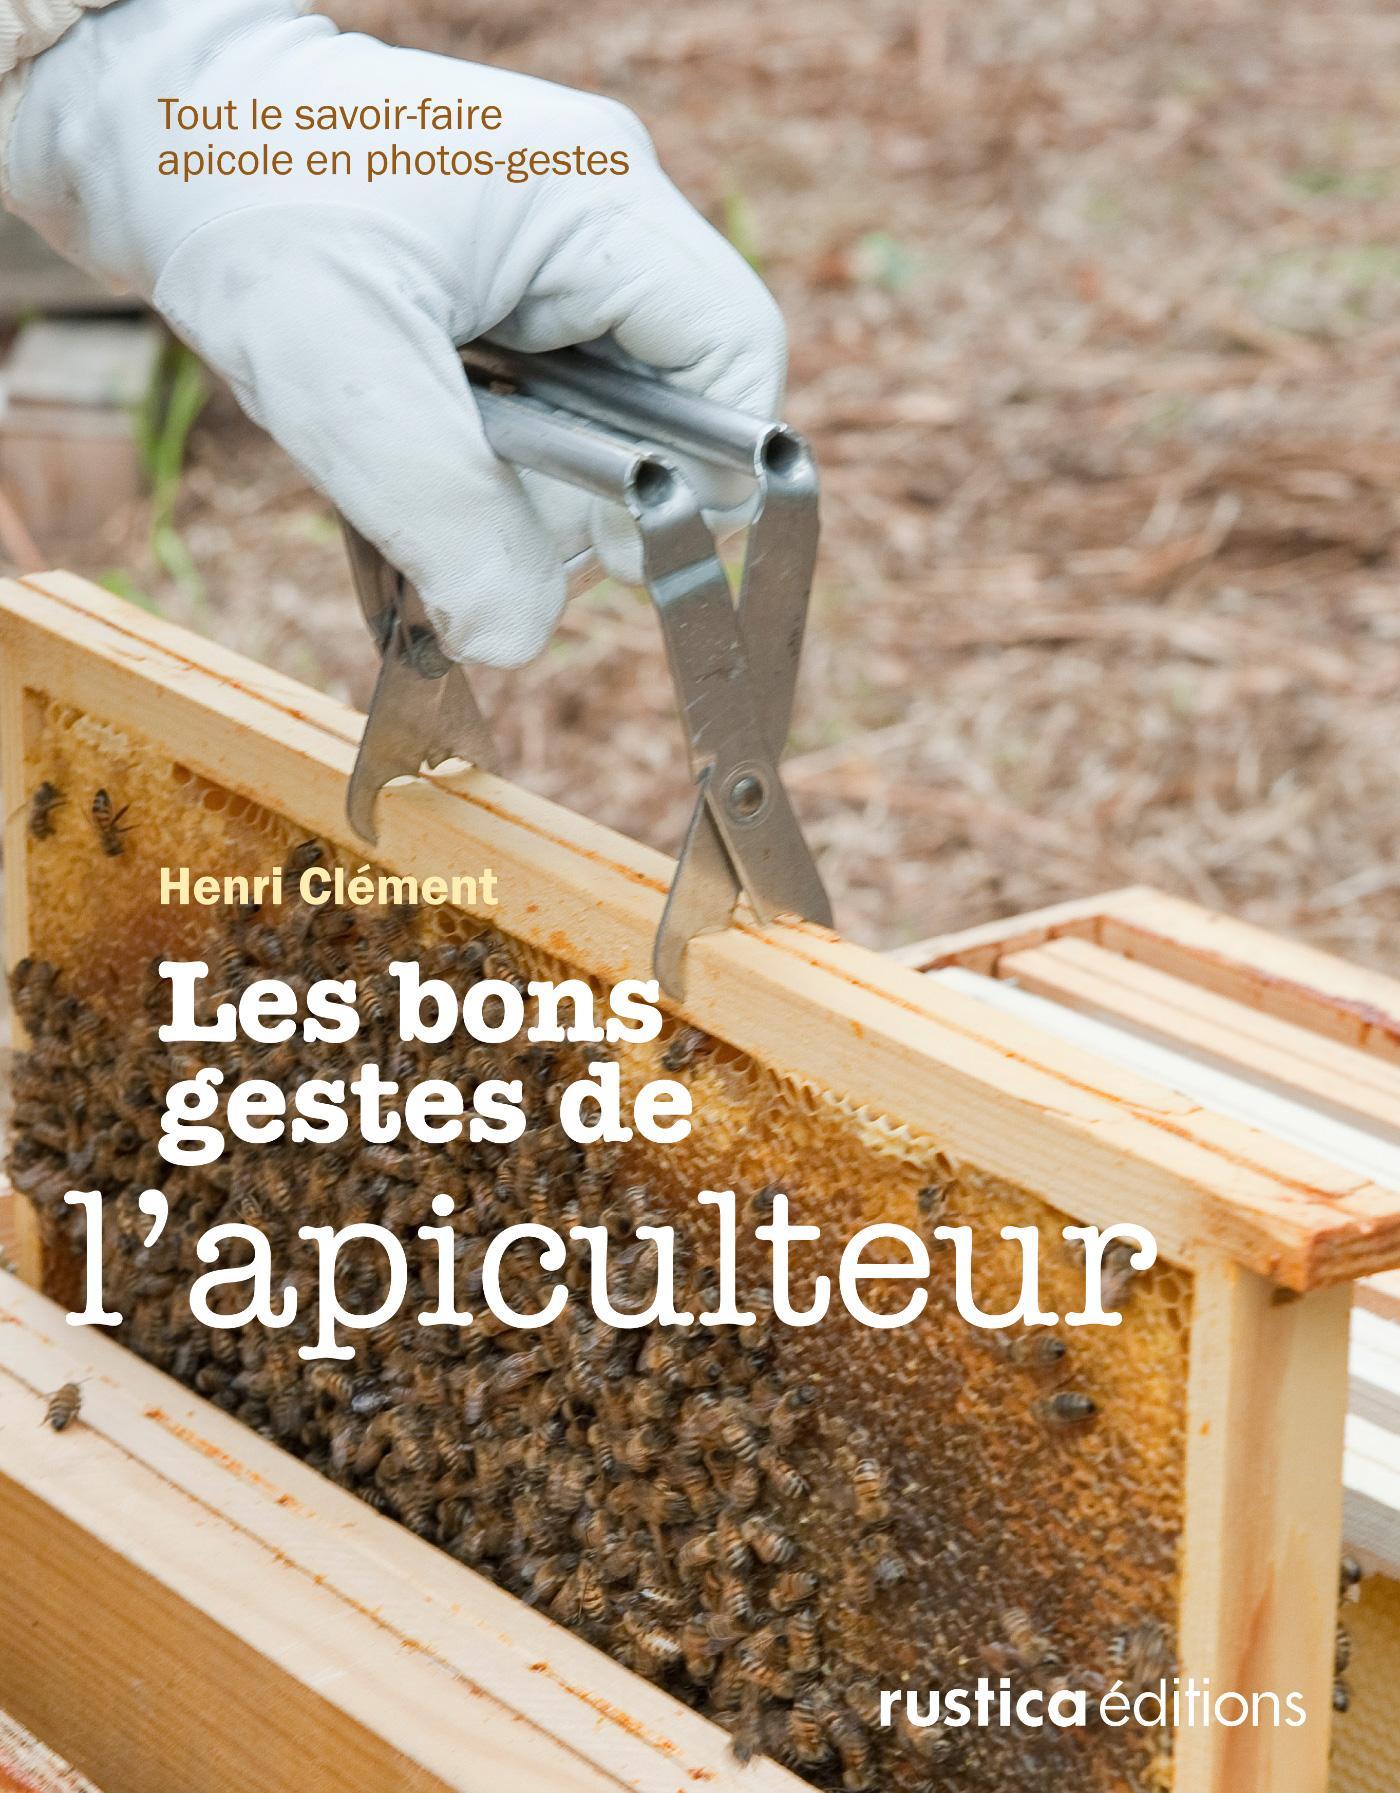 Les bons gestes de l'apiculteur, TOUT LE SAVOIR-FAIRE APICOLE EN PHOTOS-GESTES